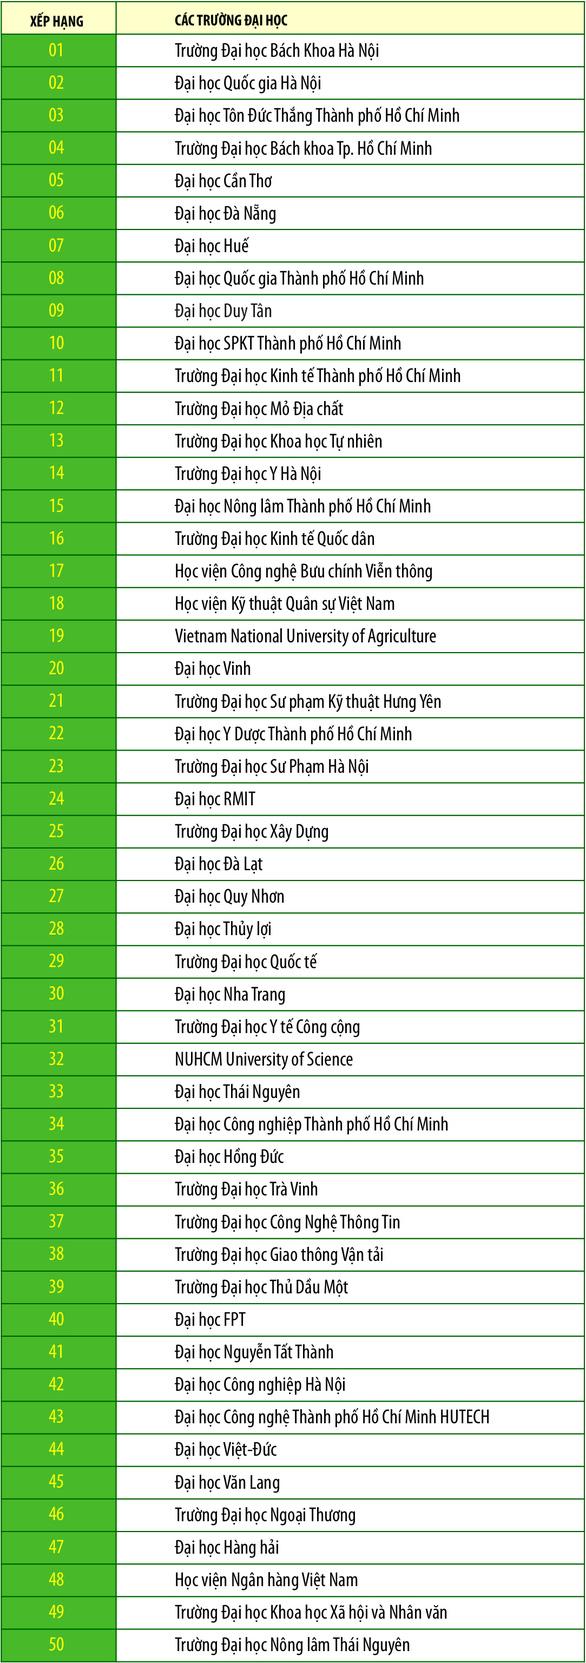 Cập nhật bảng xếp hạng Webometrics cho các đại học Việt Nam - Ảnh 1.